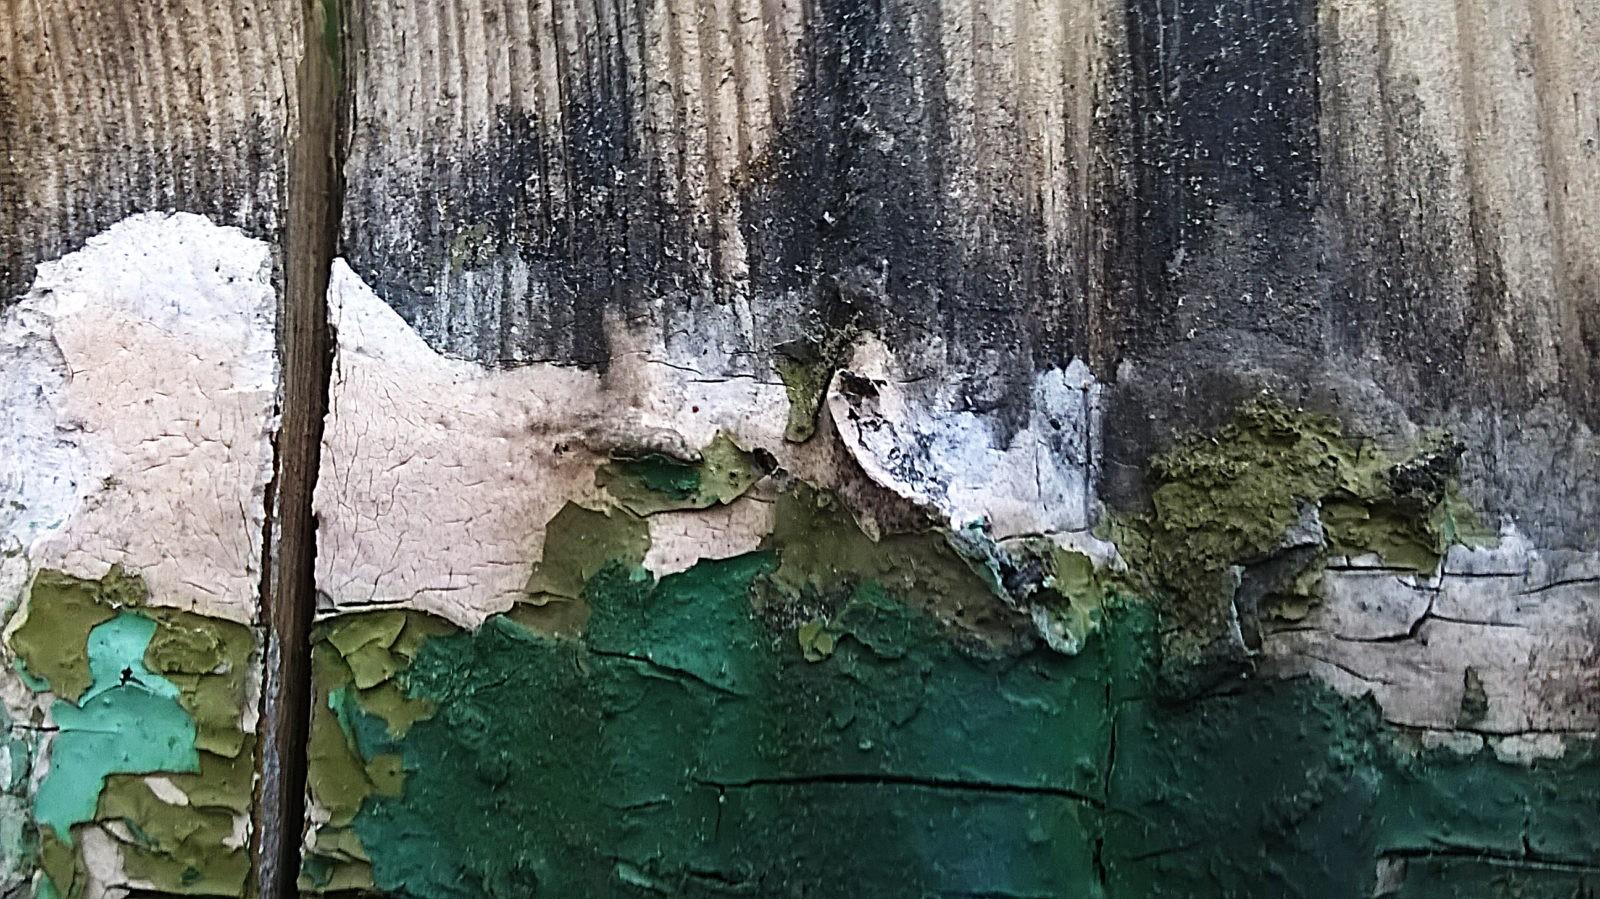 Dzięgieć zabezpiecza drewno nawet na ponad 100 lat. Galeria.